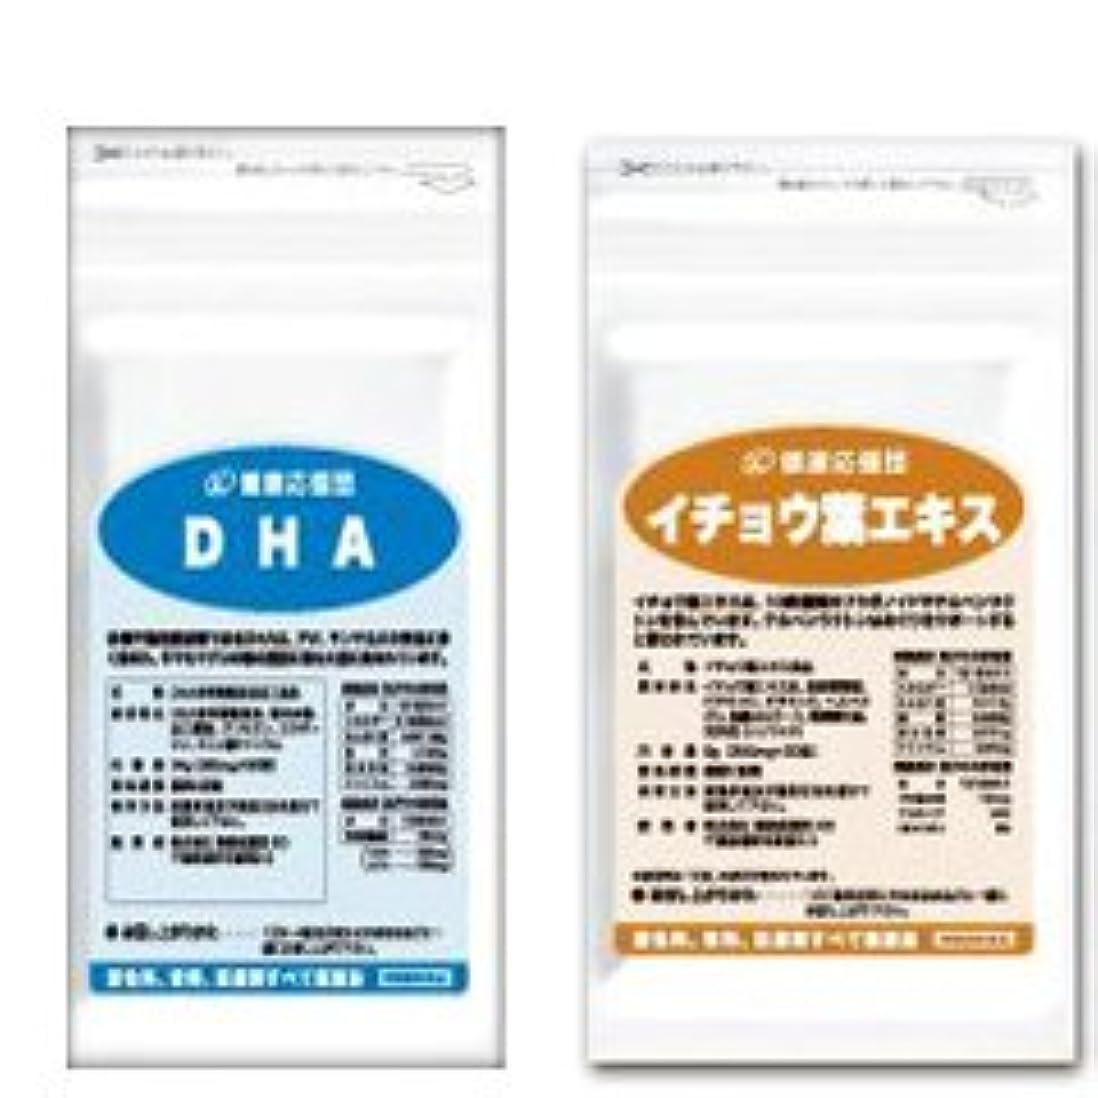 雷雨模倣公平(お徳用3か月分)サラサラ巡りセット DHA + イチョウ葉エキス 3袋&3袋セット(DHA?EPA?イチョウ葉?ビタミンC?ビタミンE?ビタミンP配合)